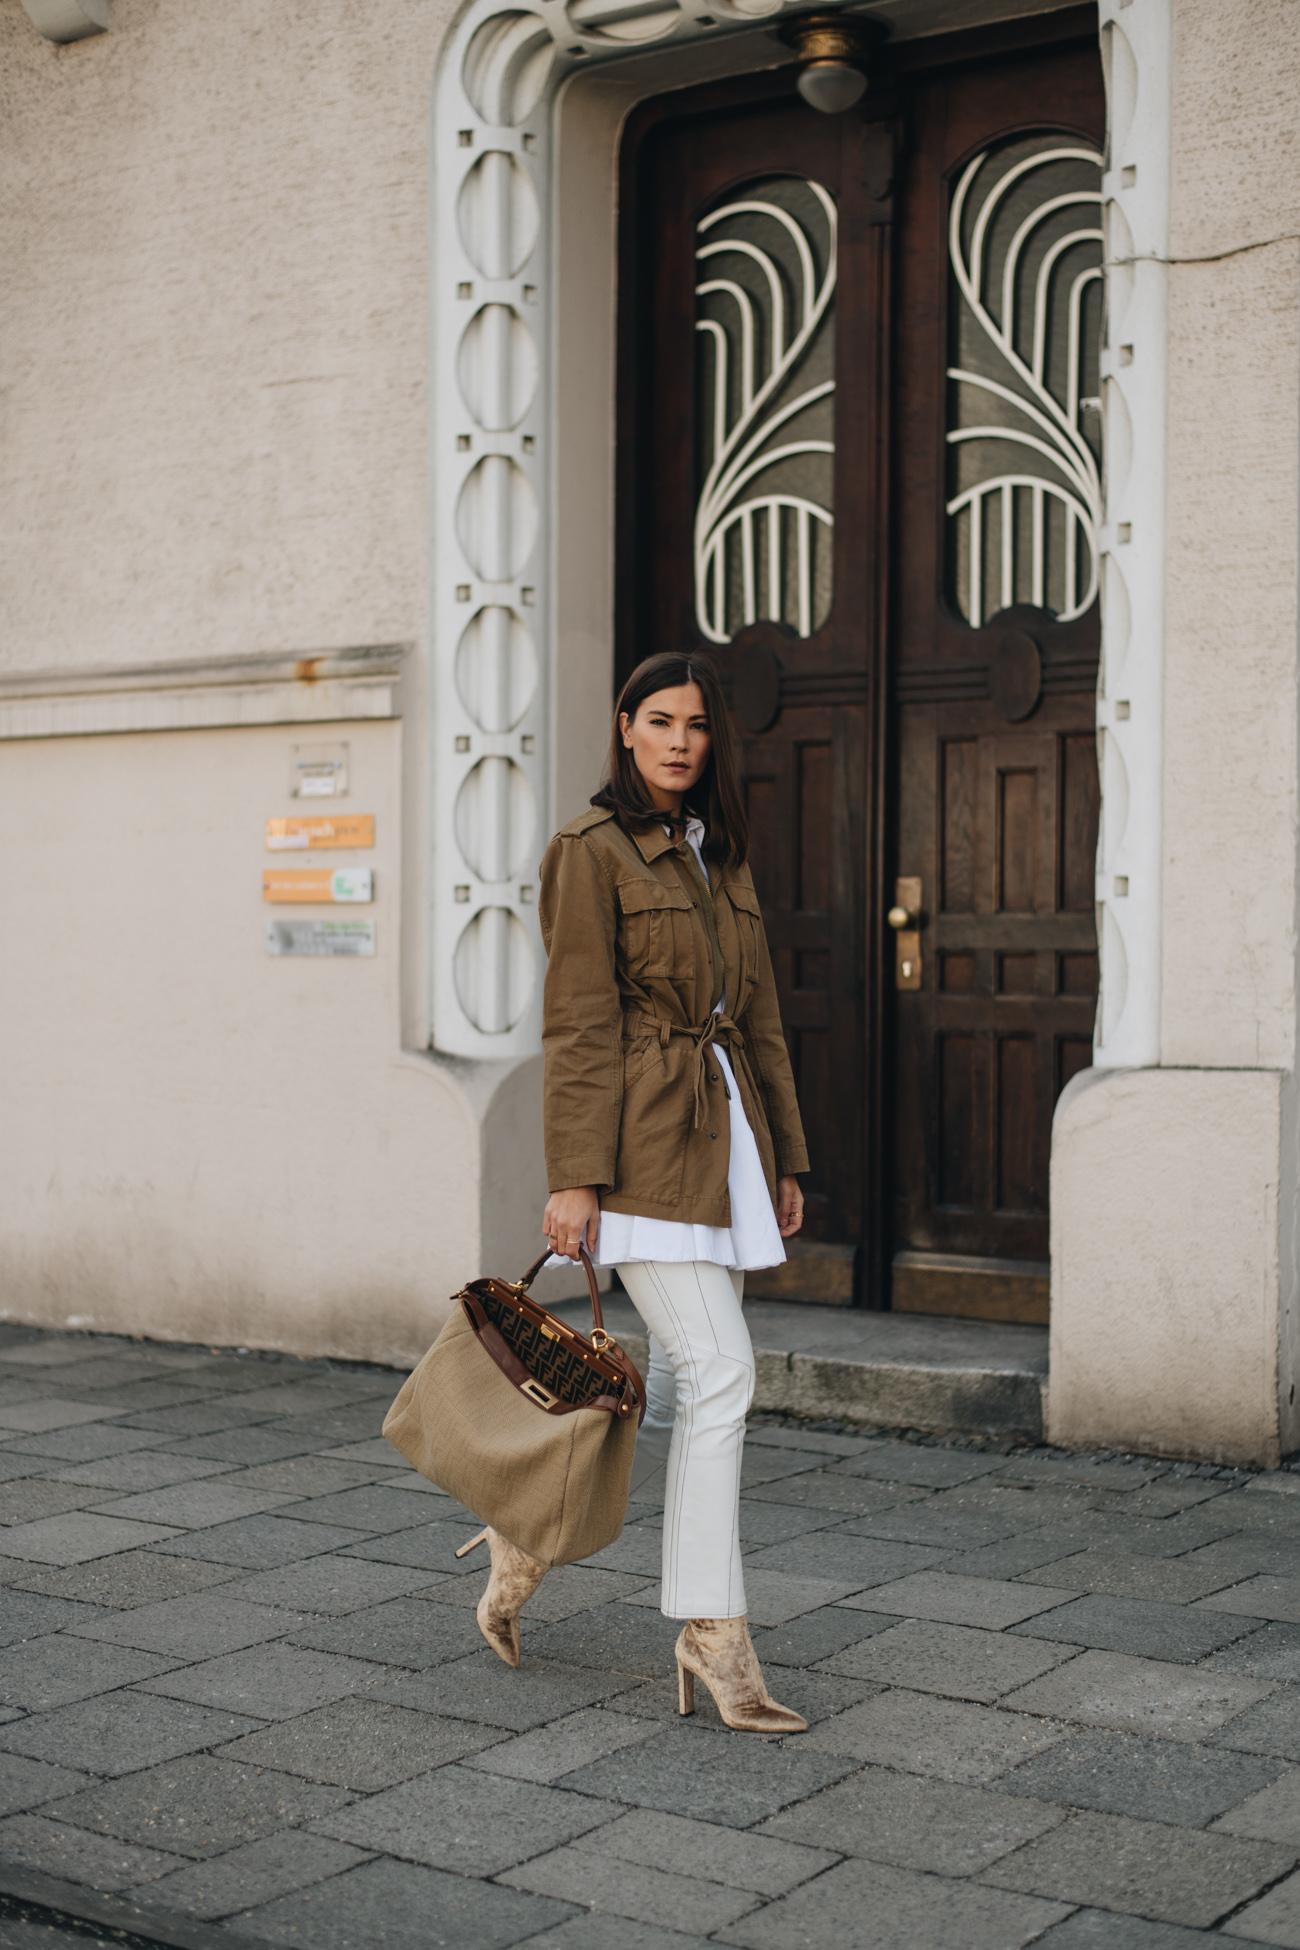 Bloggerin Nina Schwichtenberg trägt eine Fendi Peekaboo Handtasche, Samt Stiefeletten Parka Jacke